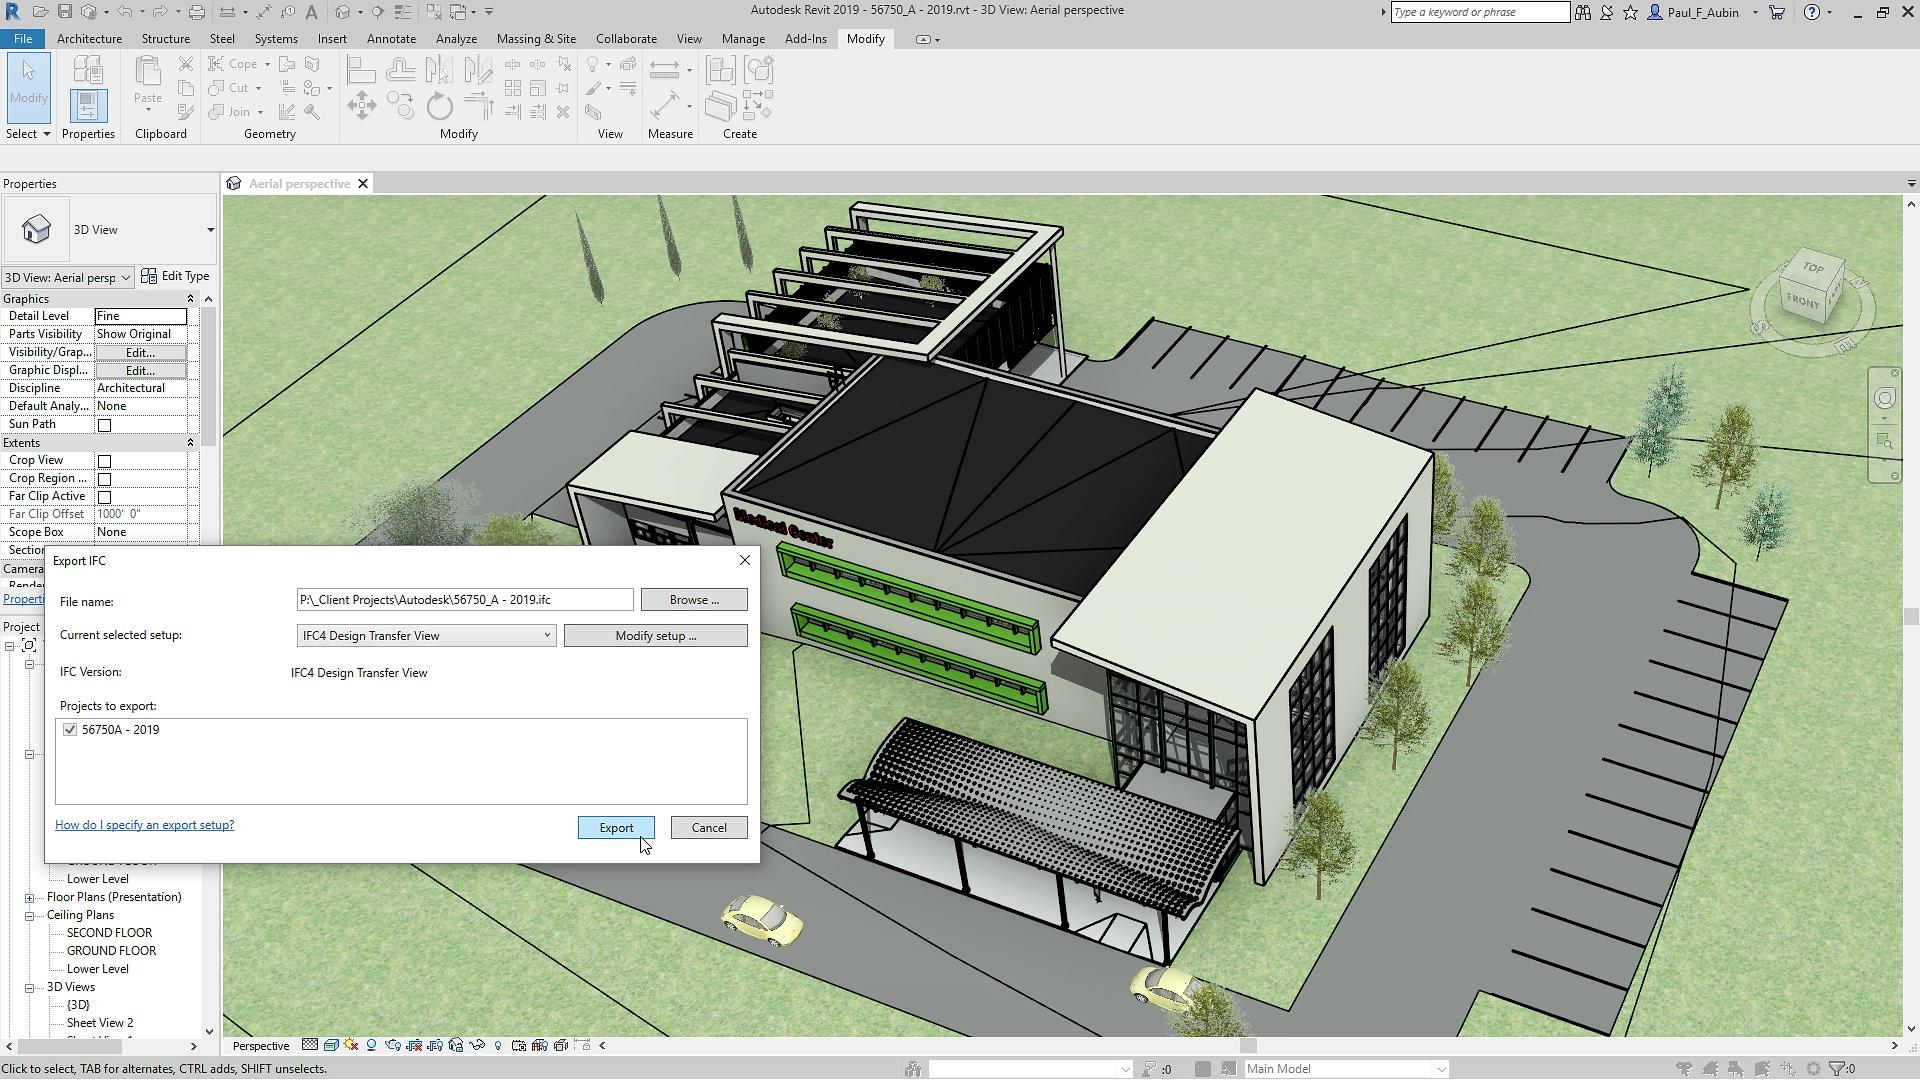 Características del software de BIM | Revit 2019 | Autodesk